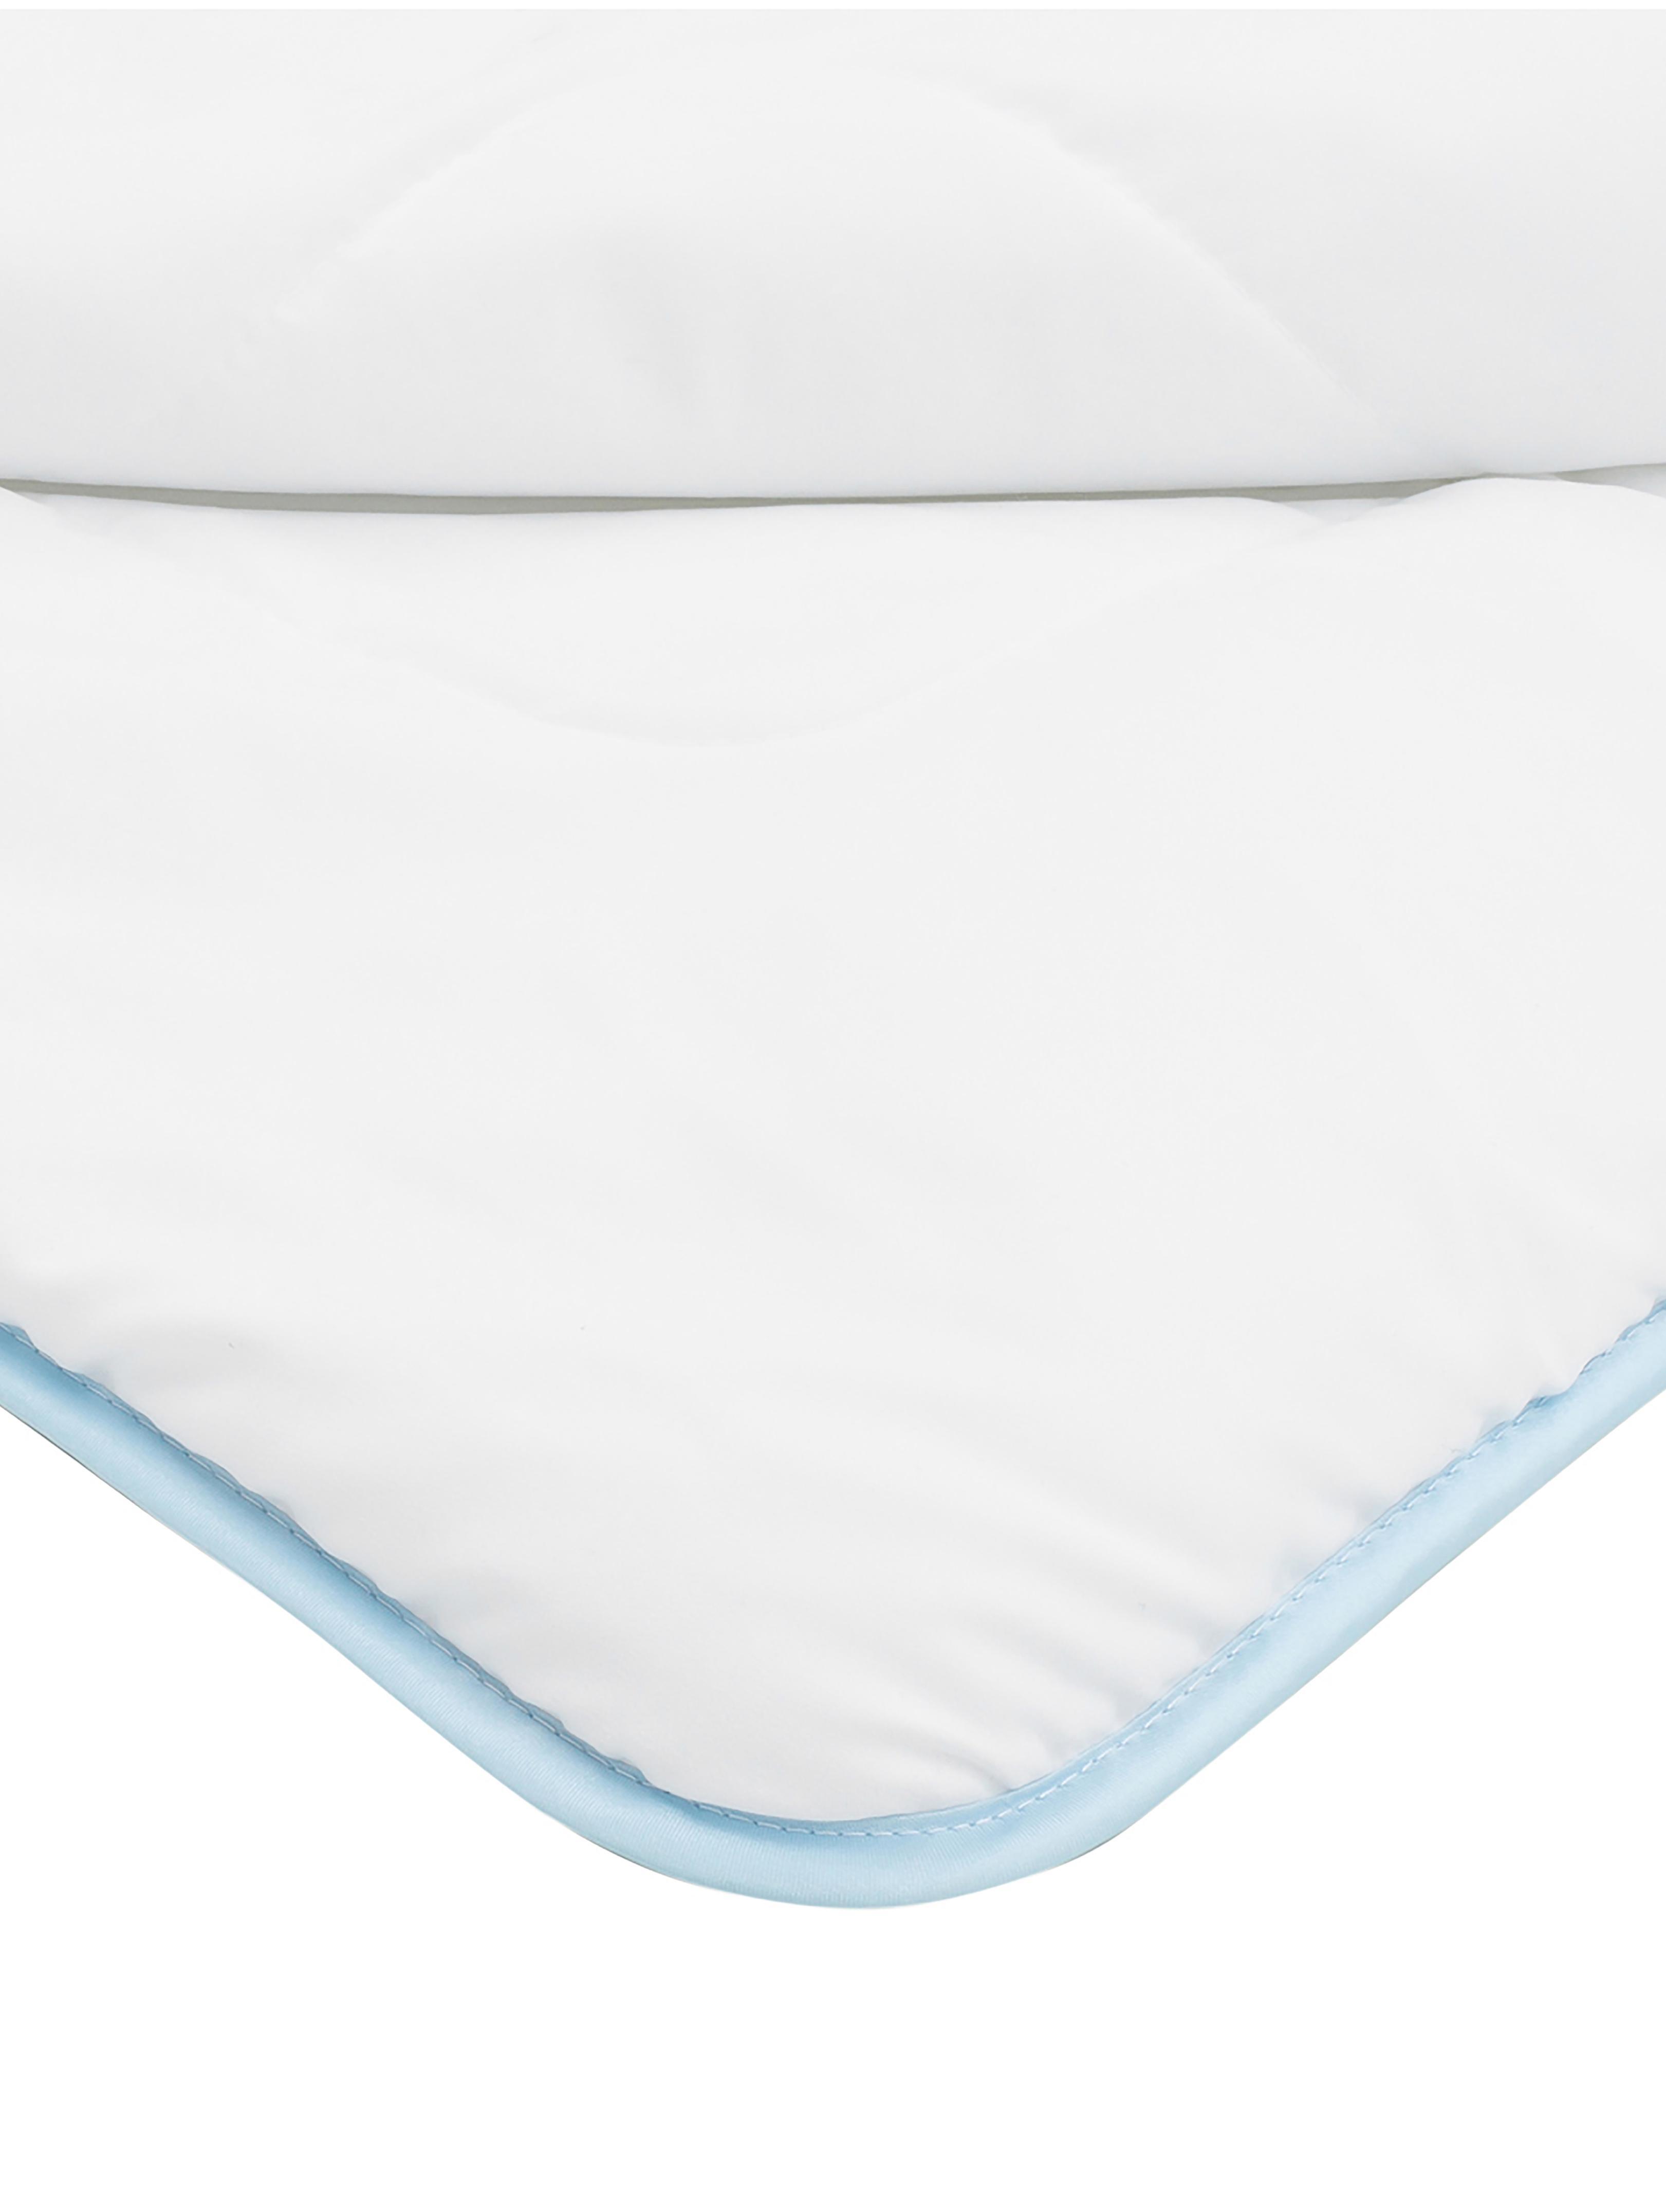 Microfaser-Bettdecke, mittel, Bezug: Microfaser mit Rautenstep, Weiß, 135 x 200 cm